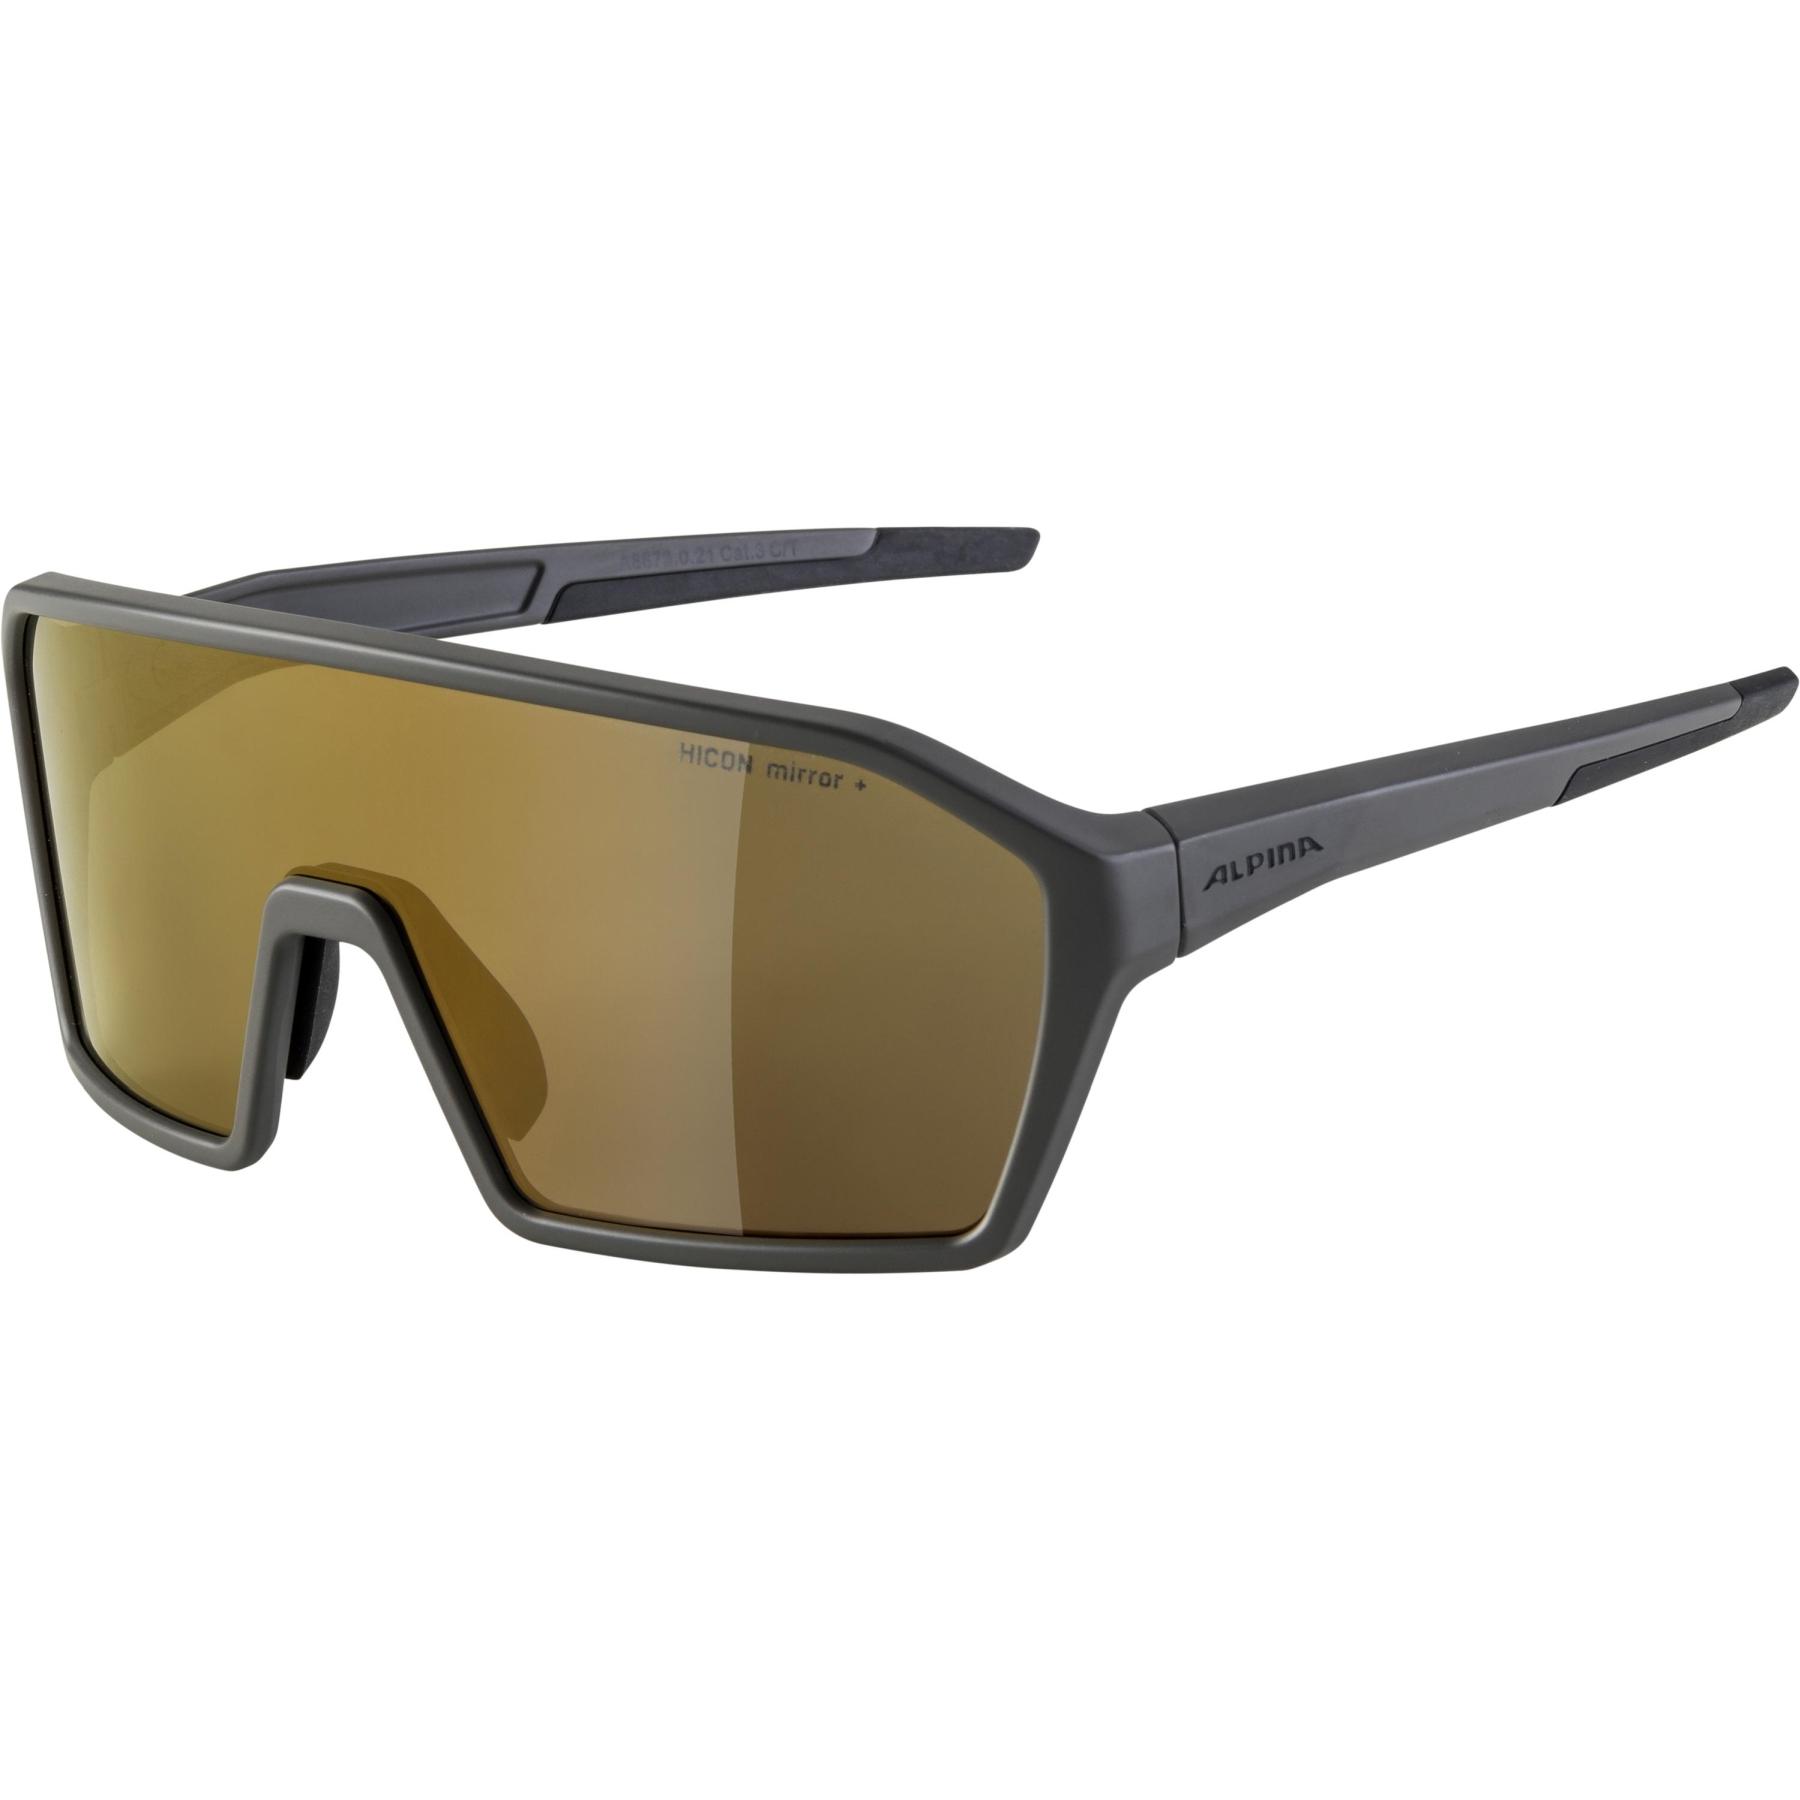 Alpina Ram HM+ Glasses - coffeegrey matt / Hicon gold mirror